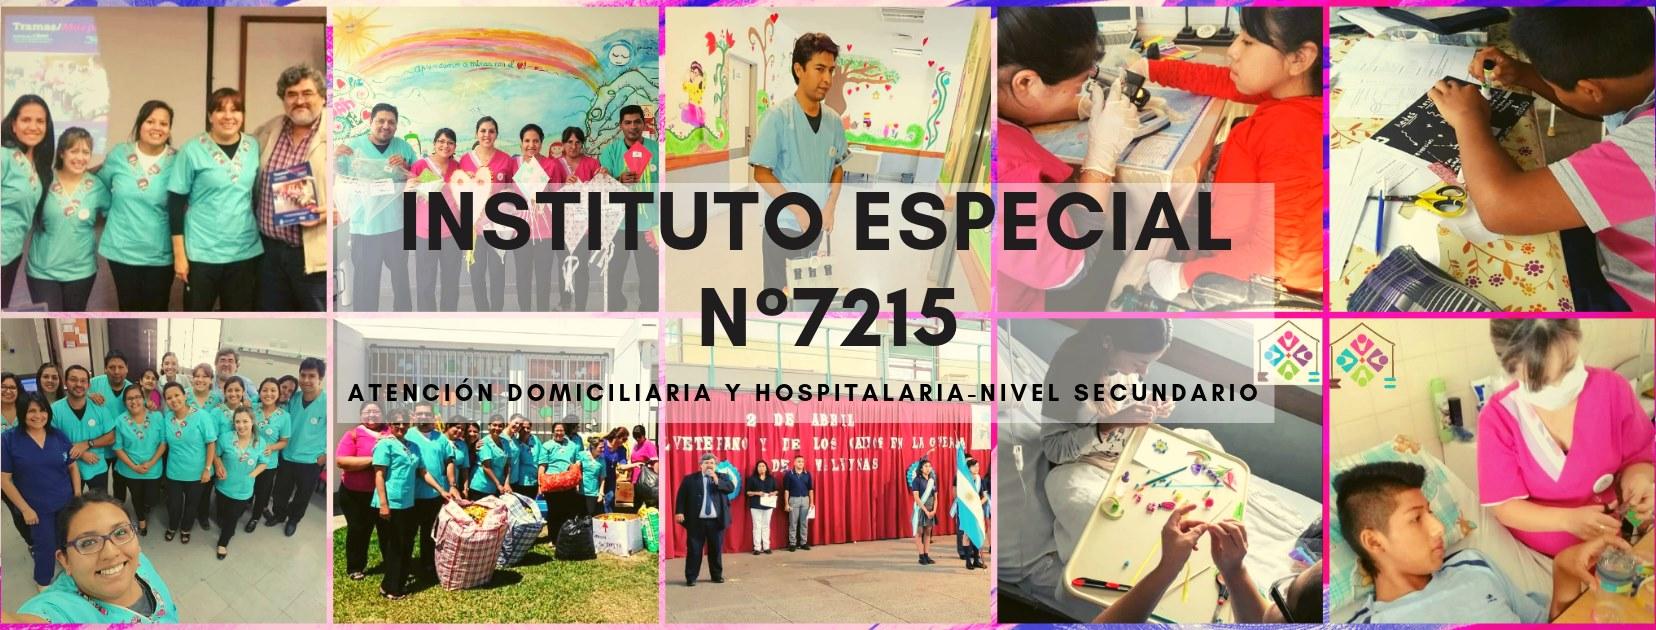 """La Educación Hospitalaria y Domiciliaria cumplió 6 años de servicio y lo festeja con la revista """"Nuevos Escenarios Educativos"""""""